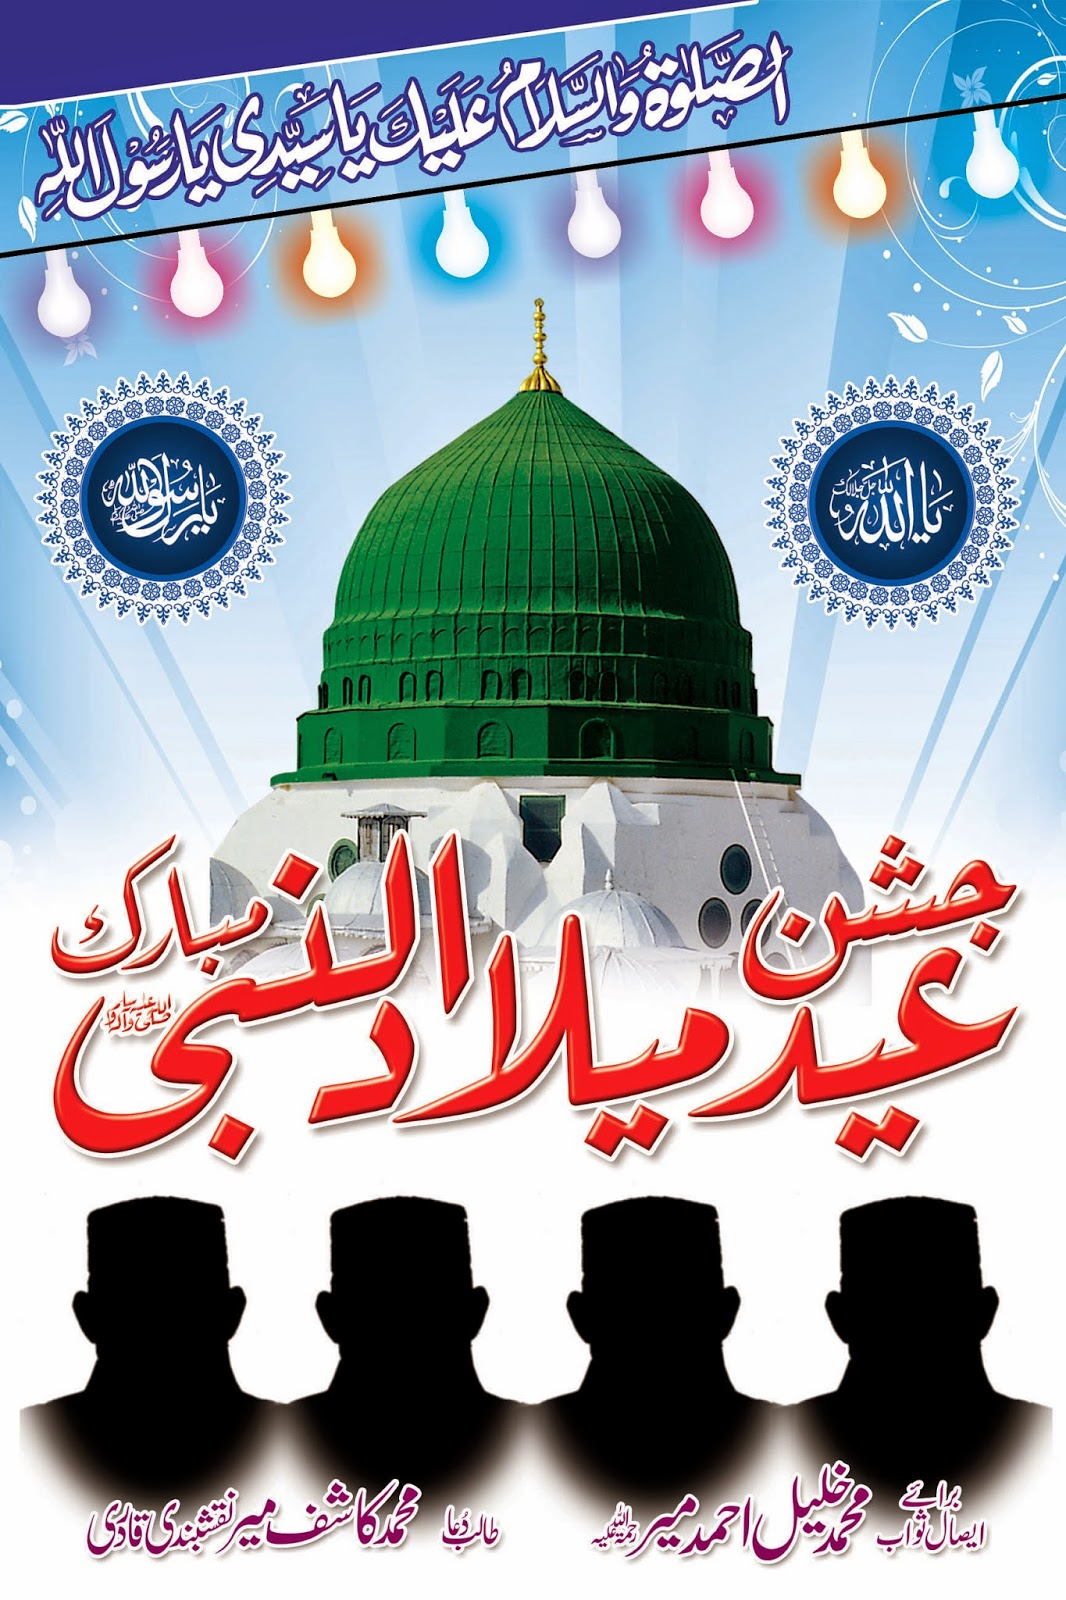 Fezan e murshid e kareem 12 rabi ul awal 2014 designs by for 12 rabi ul awal 2014 decoration